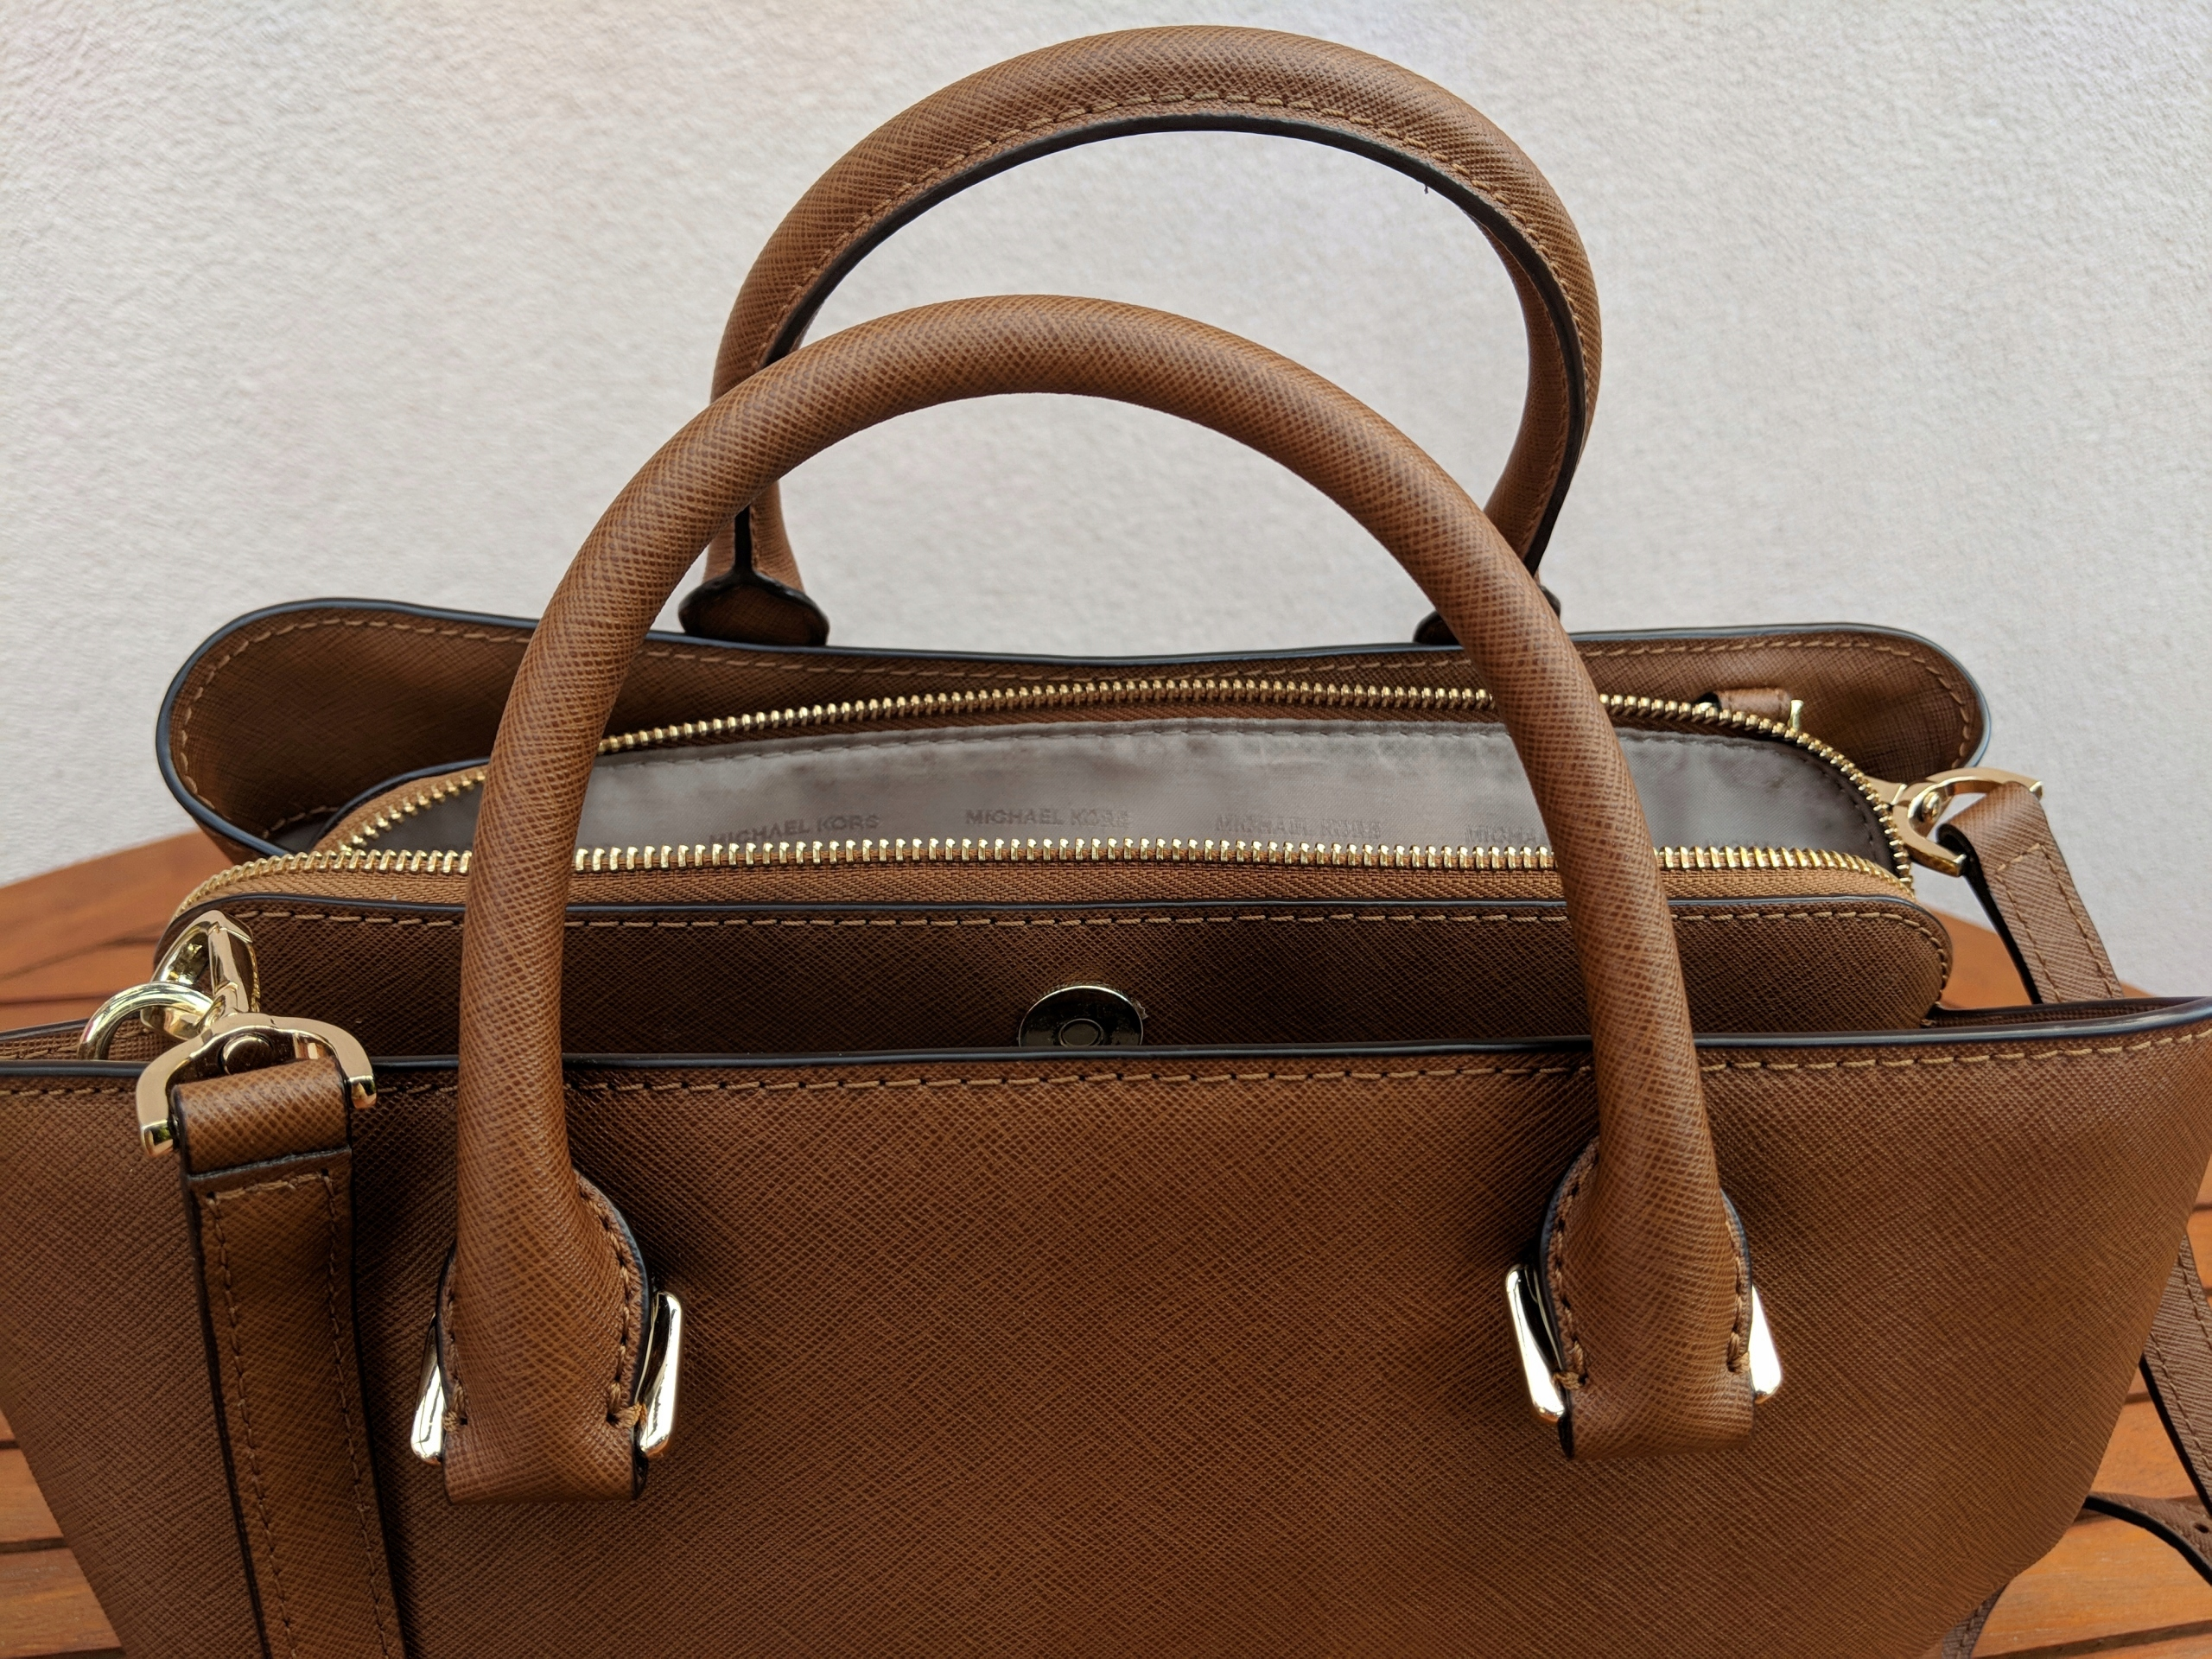 2d36c751a525d Torebka Michael Kors Savannah Lg Satchel Luggage - 7532872687 ...